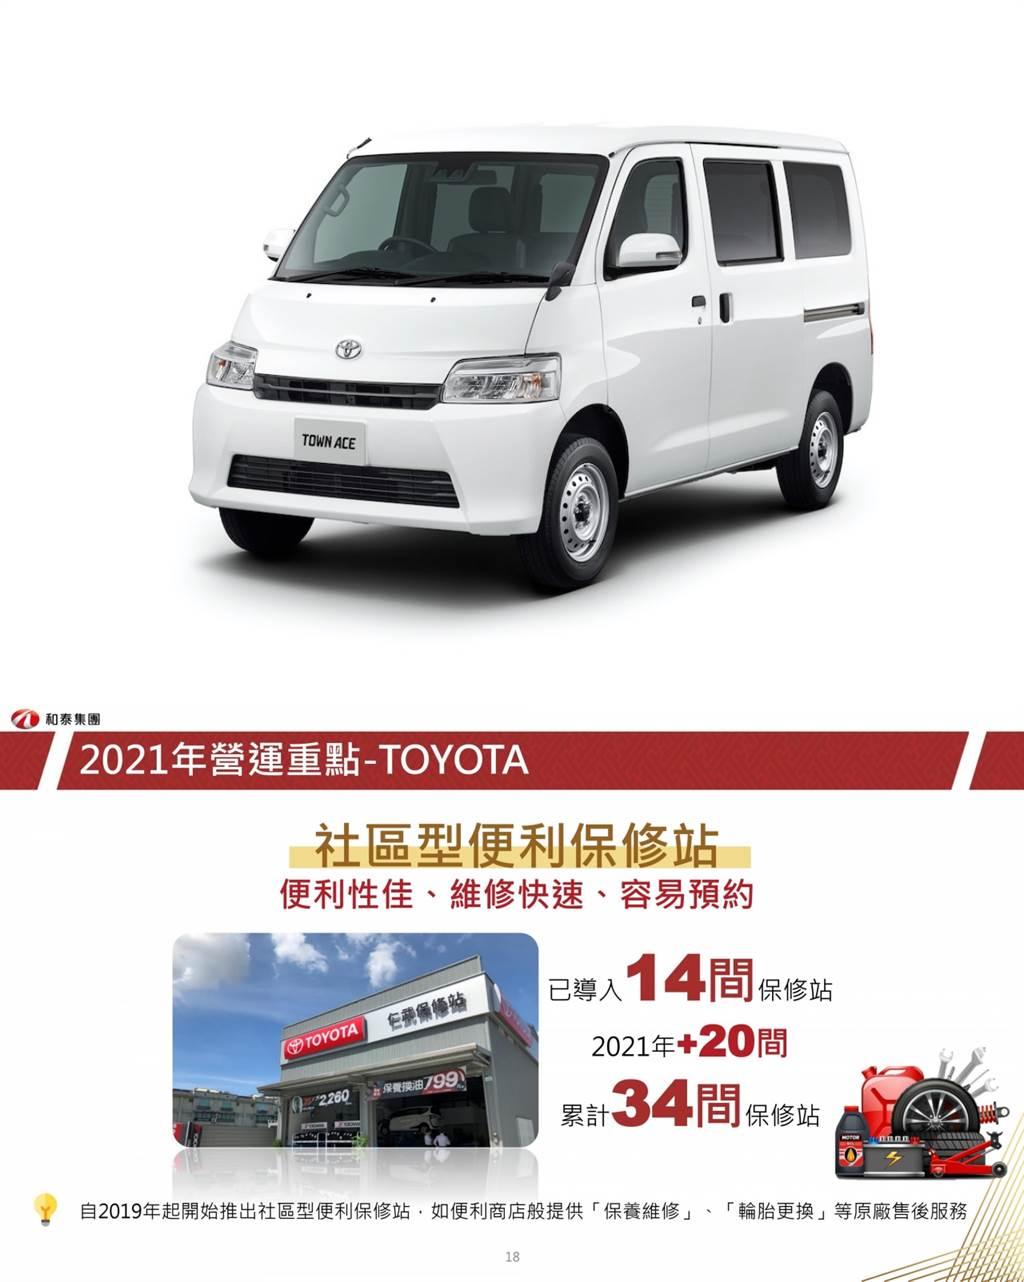 和泰汽車 2021 新年展望計畫,Toyota GR Yaris/GR 86/Townace 三大強棒接連到來、Maas 將更進一步!